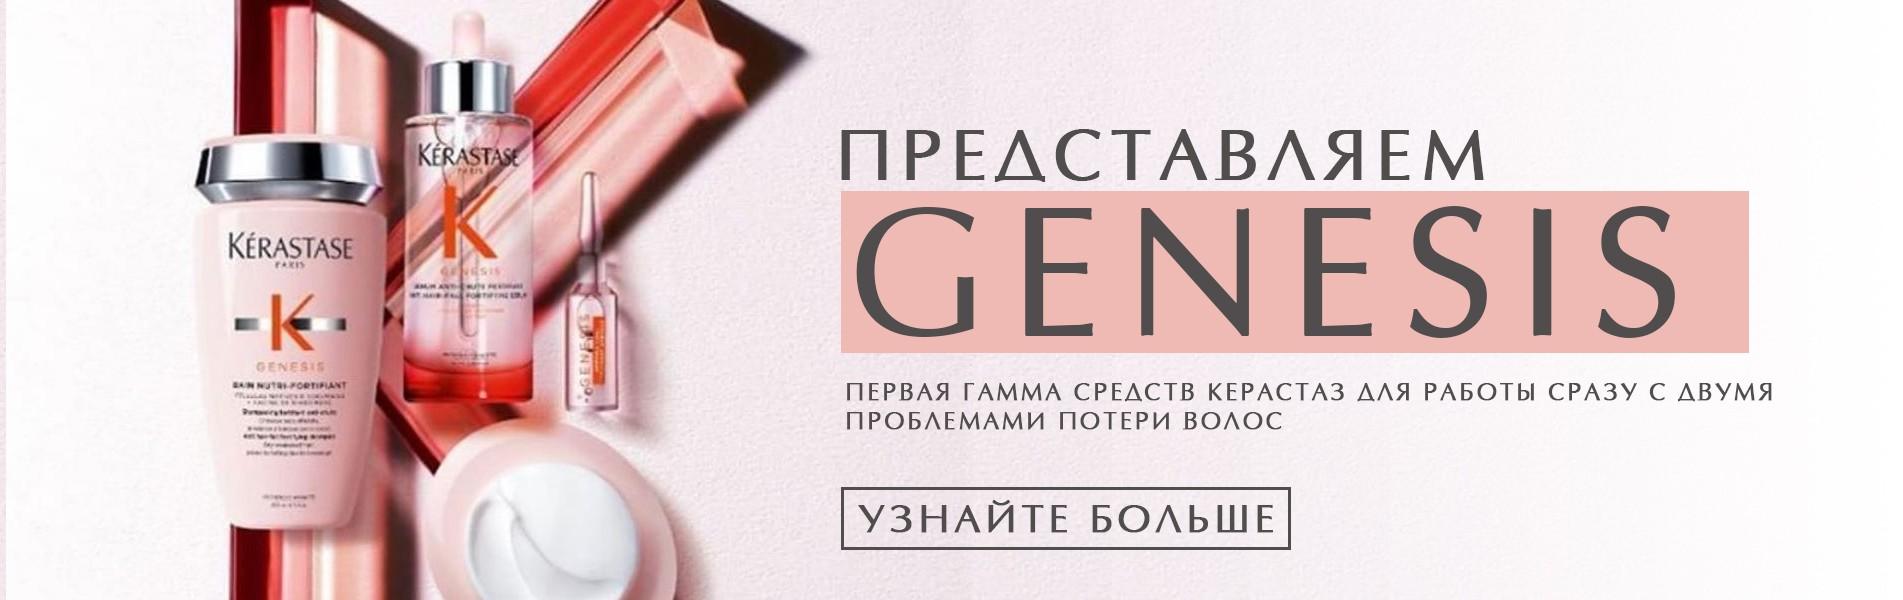 Kerastase Genesis - первая гамма средств Керастаз для работы сразу с двумя проблемами потери волос.